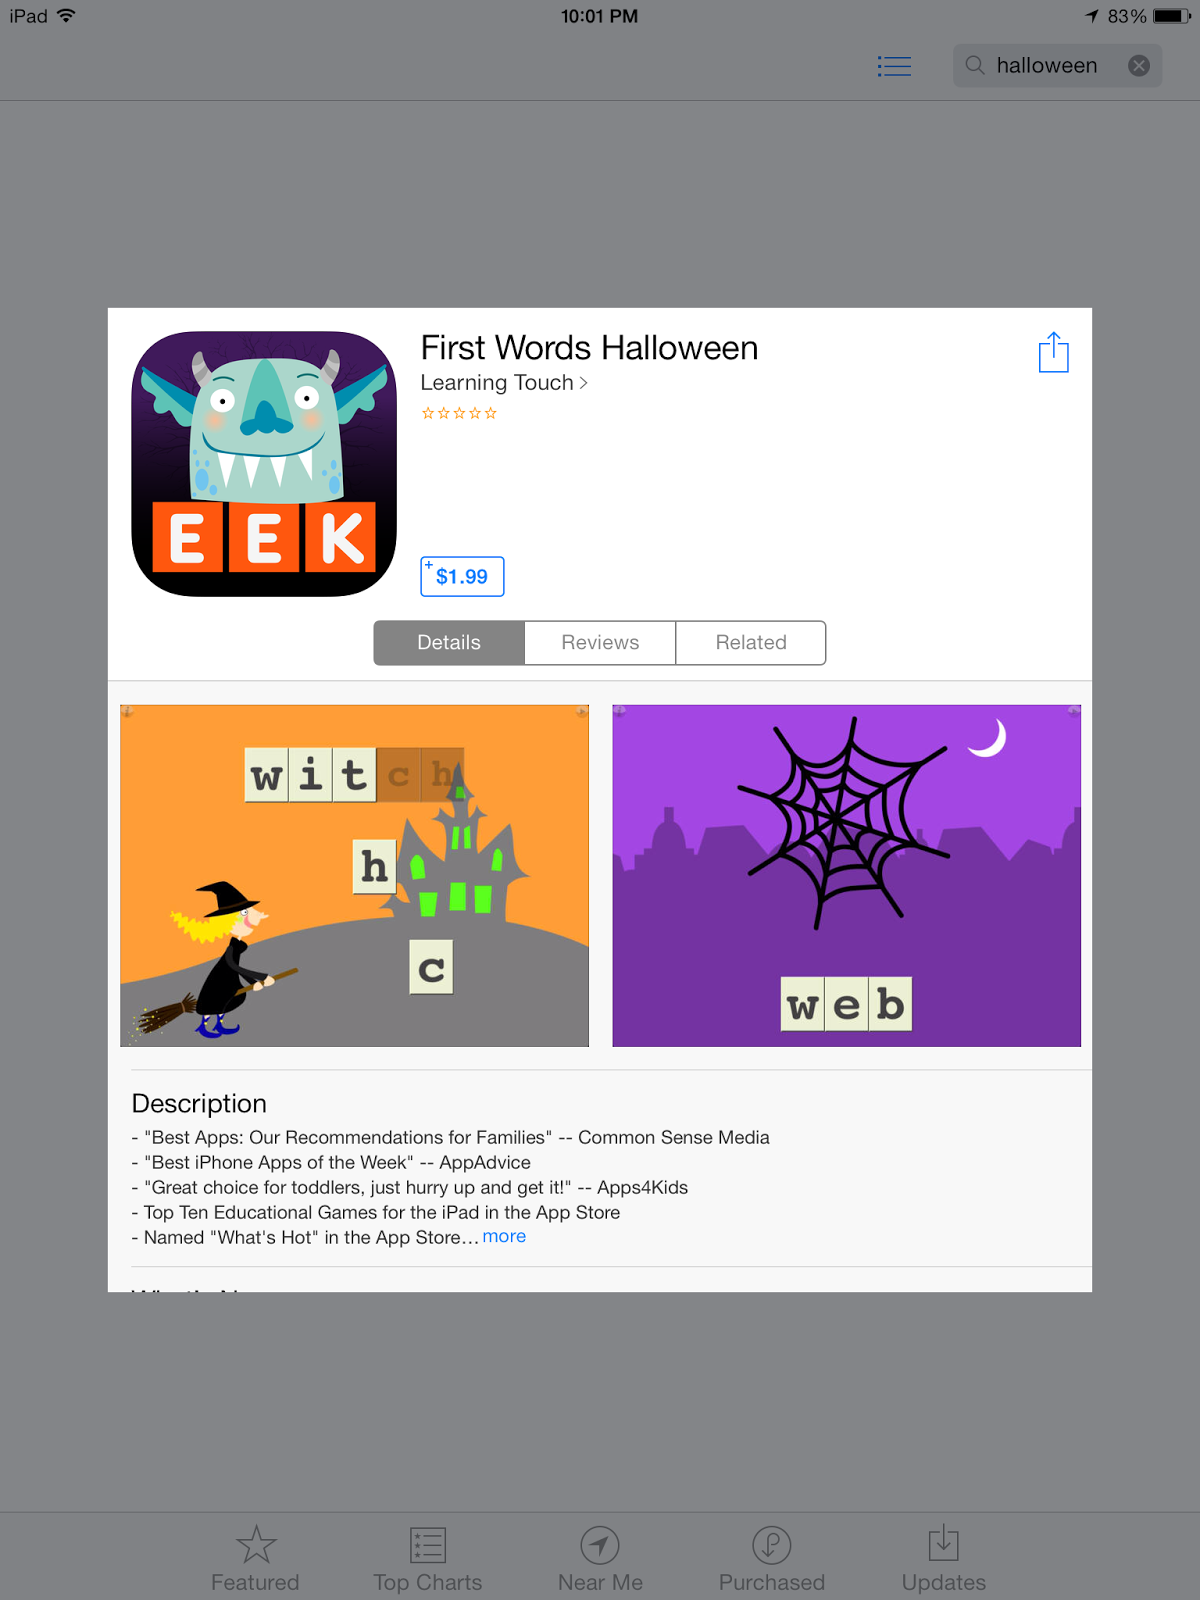 Halloween Websites & Apps